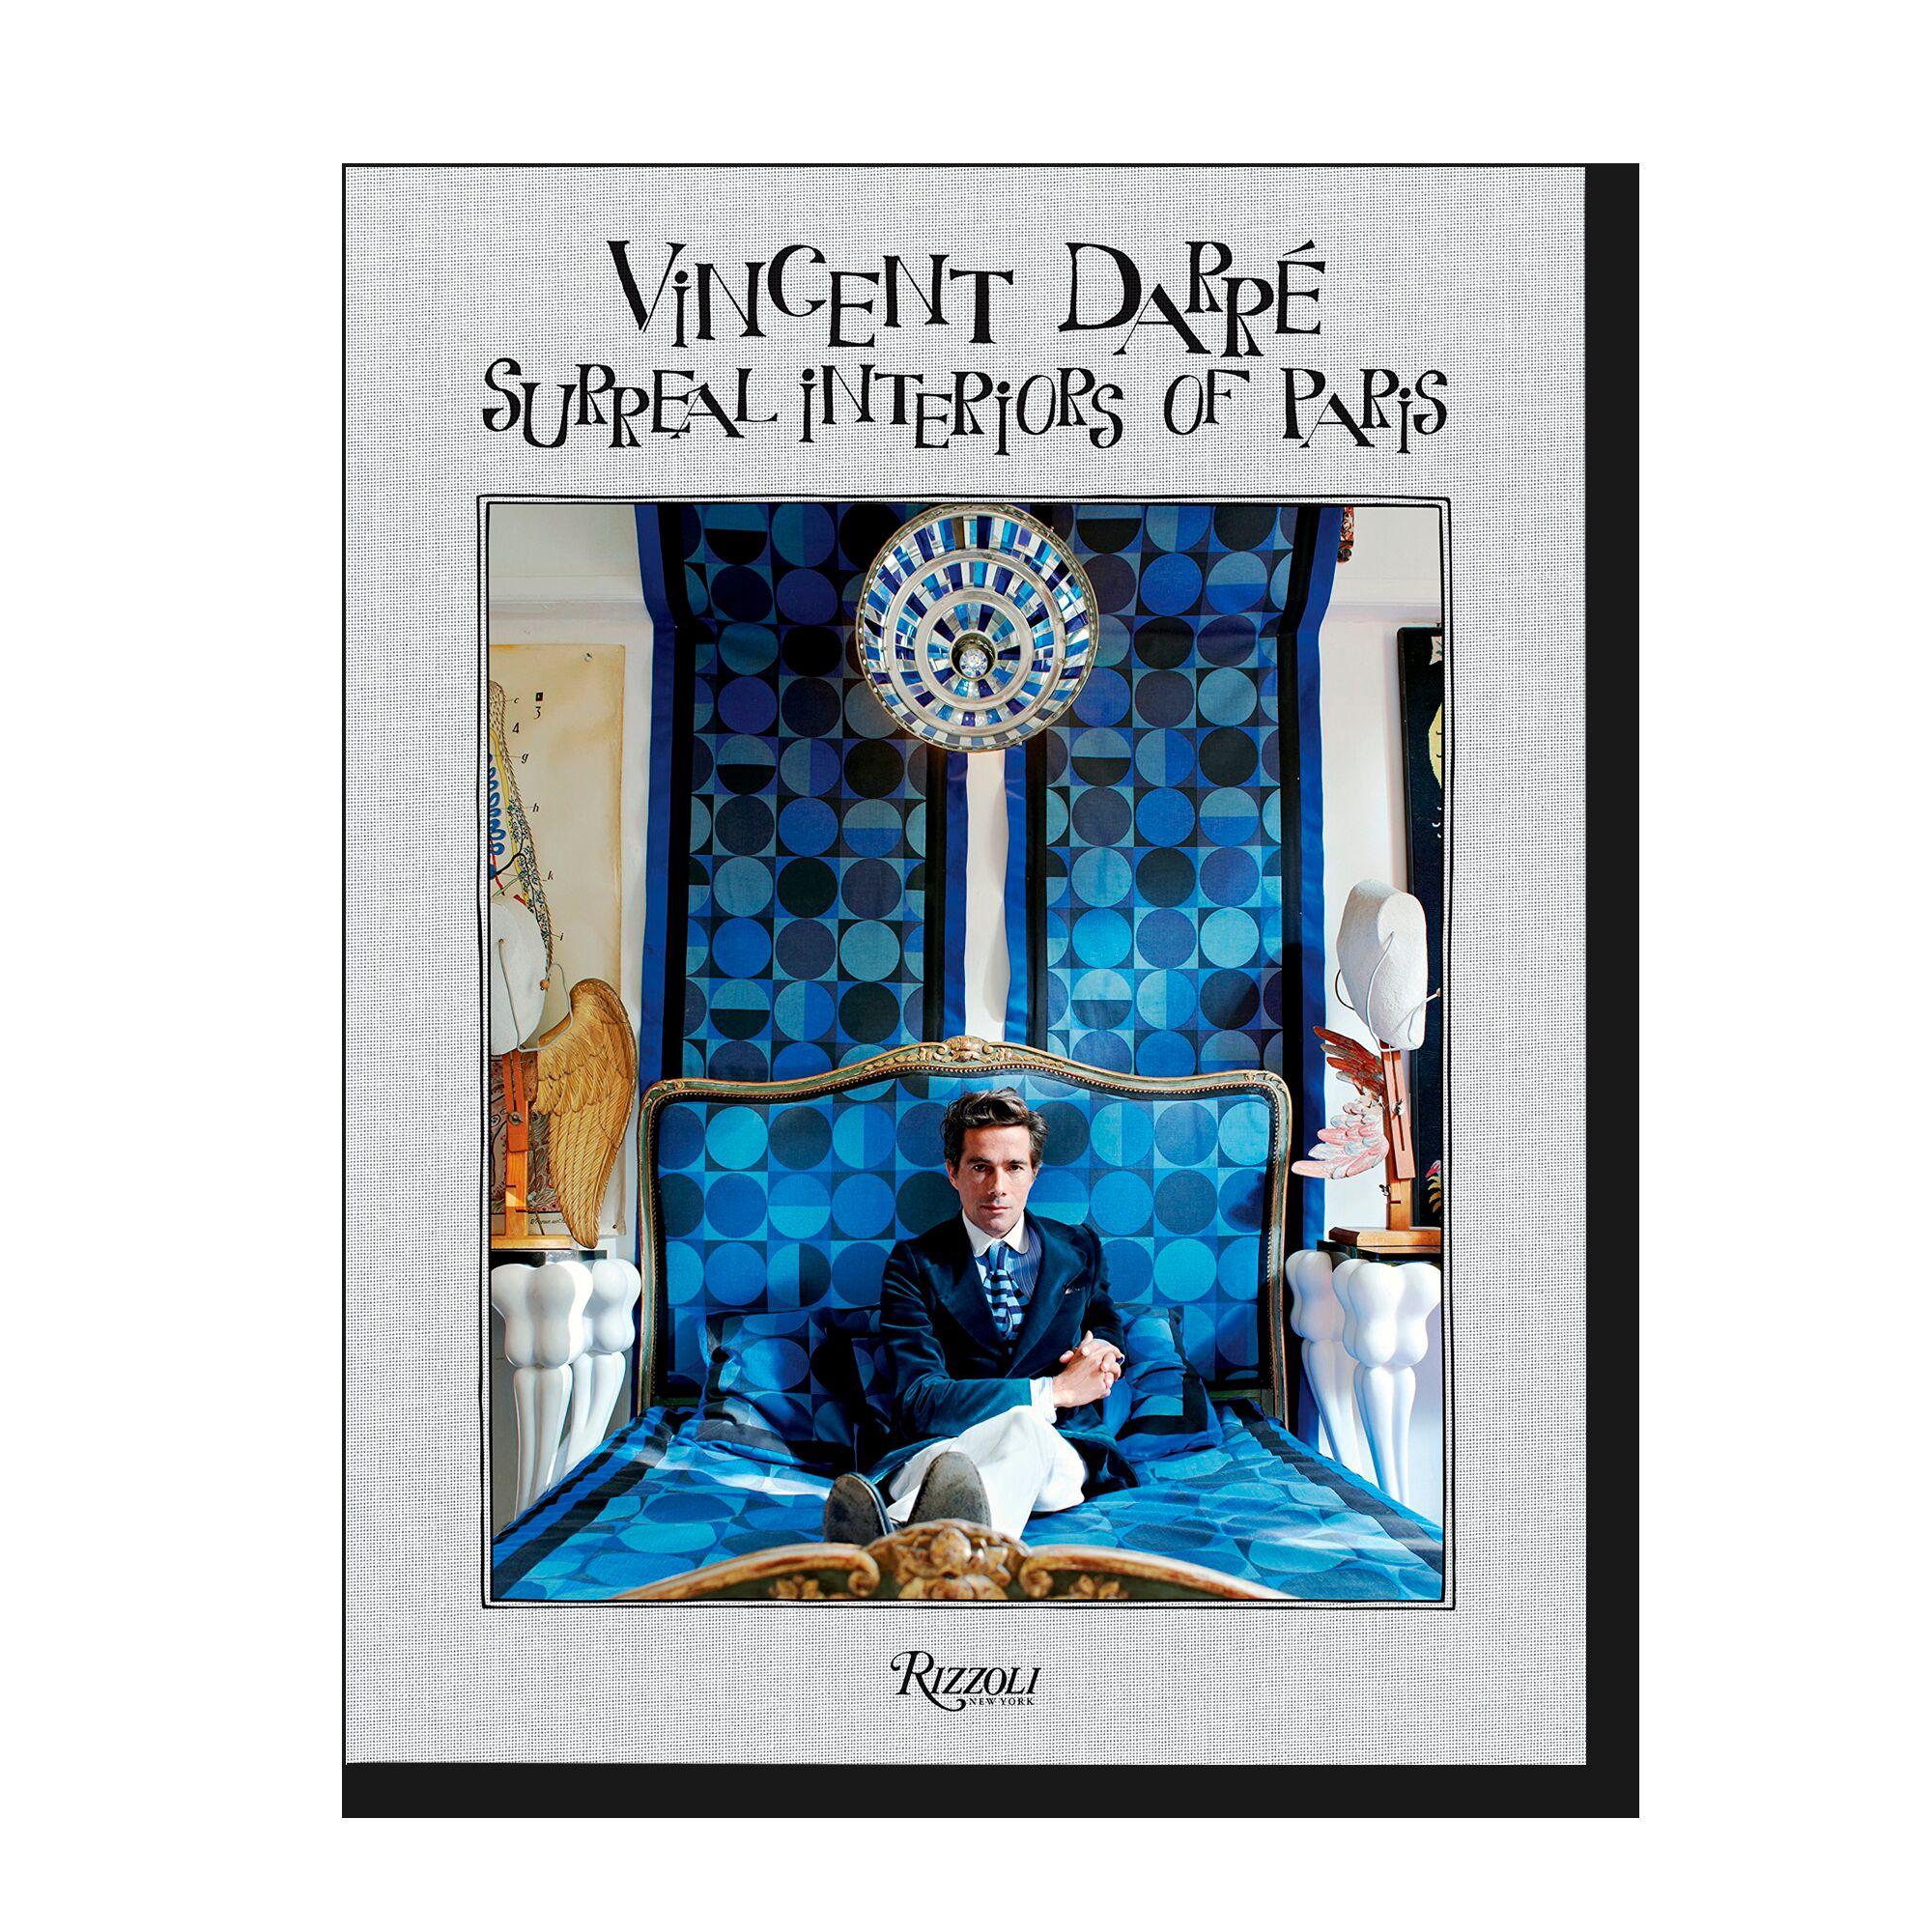 Vincent Darre: Surreal Interiors of Paris